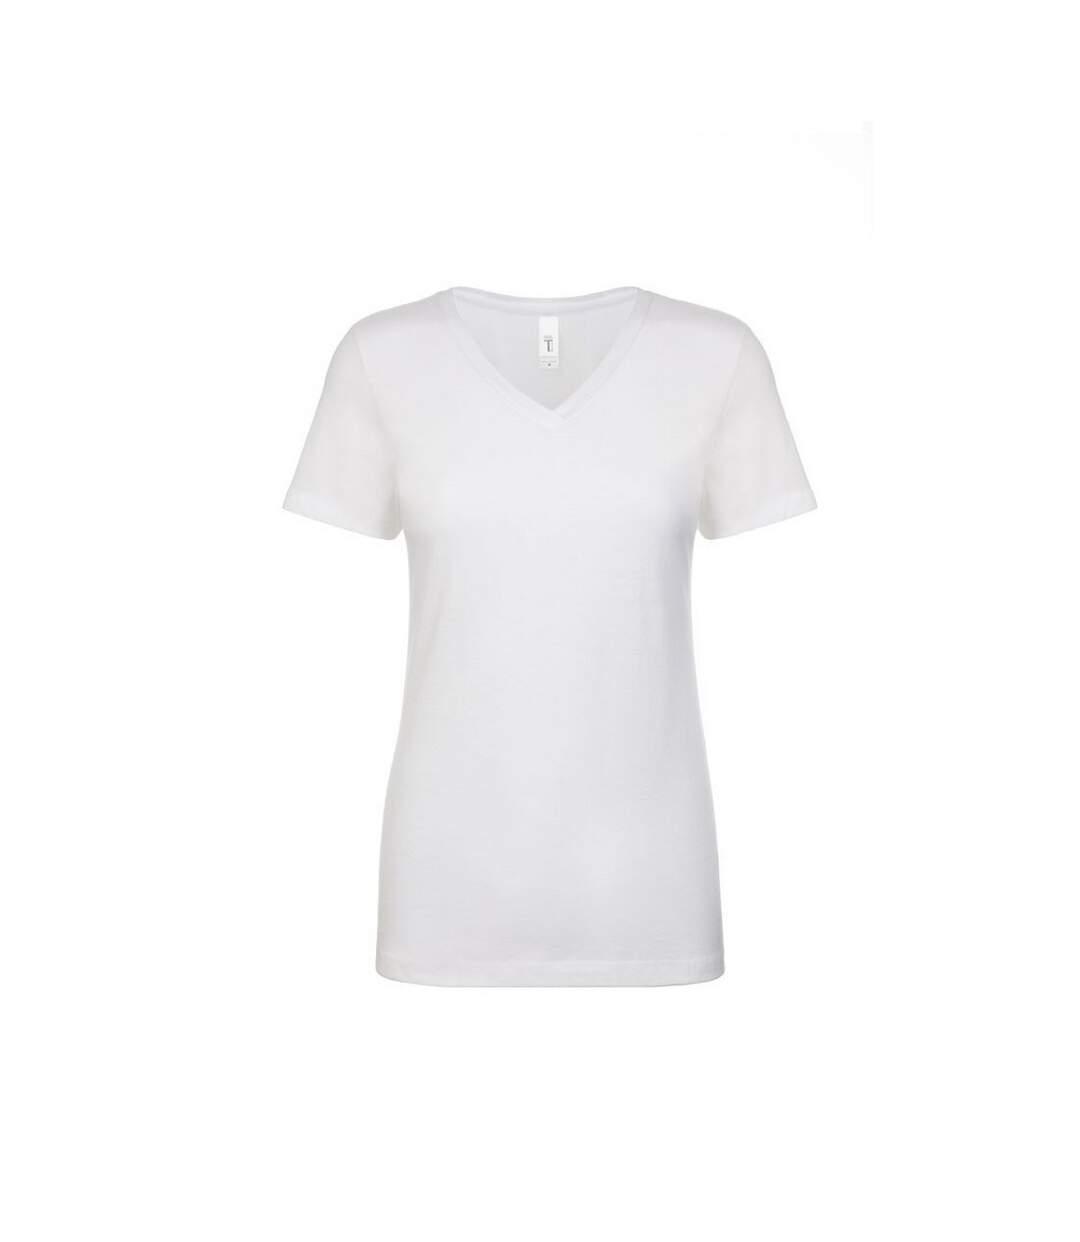 Next Level - T-Shirt À Col V - Femme (Blanc) - UTPC3493